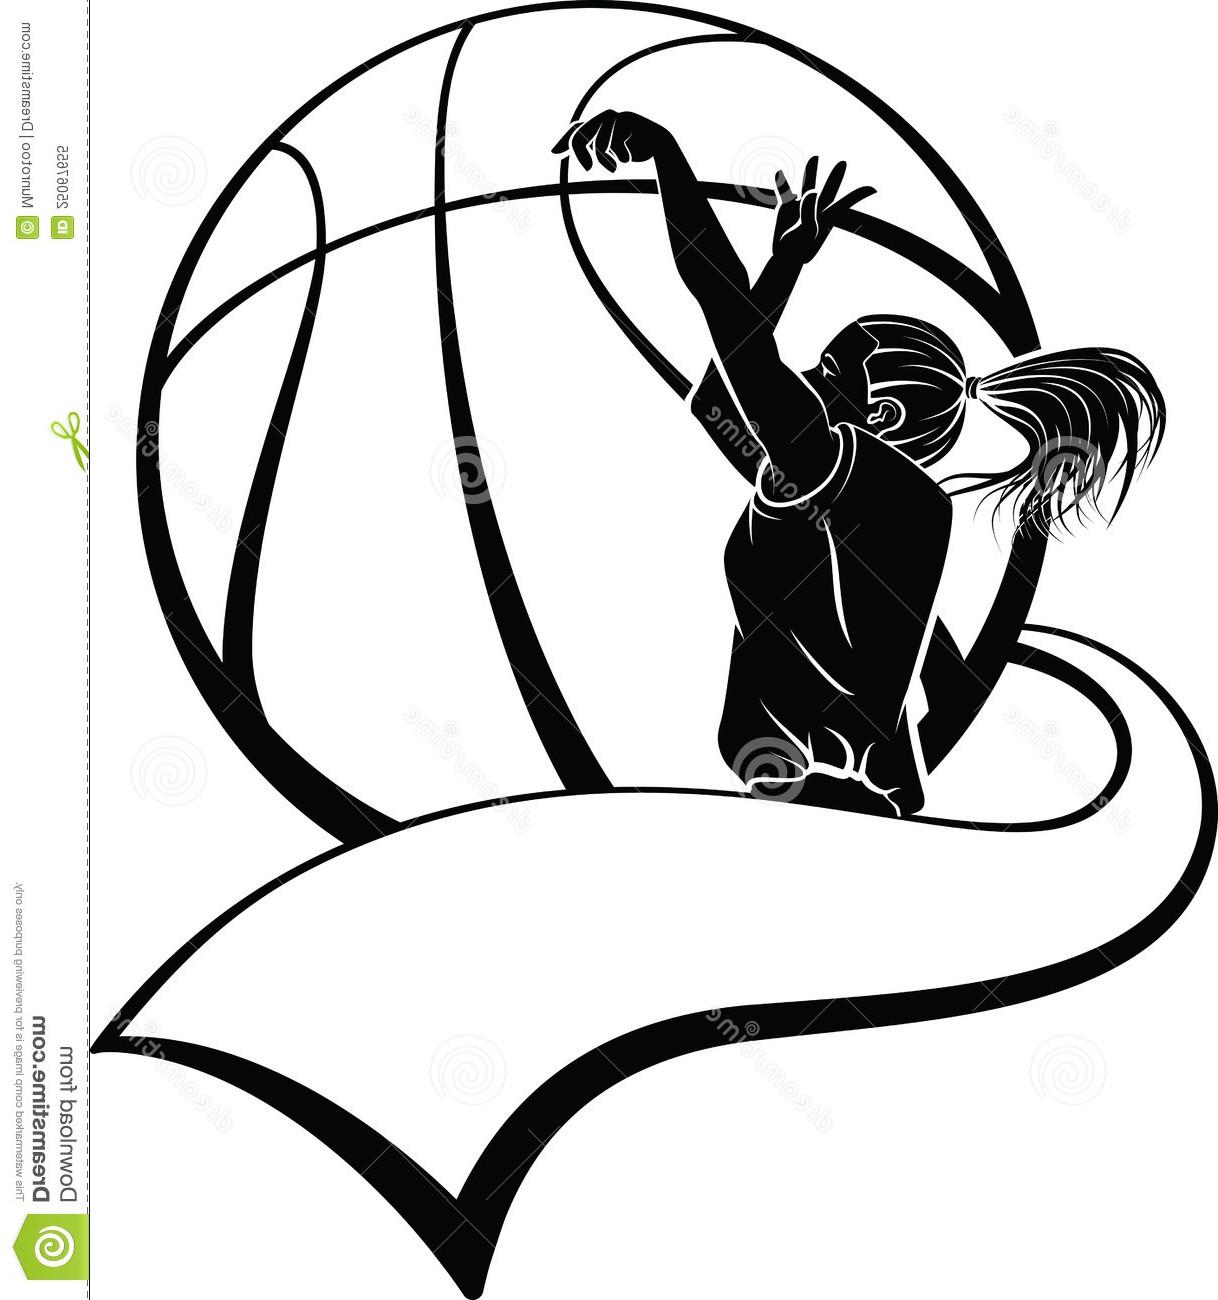 Girl Basketball Player Clipart Shooting basketball shooting clipart 1218 x 1300